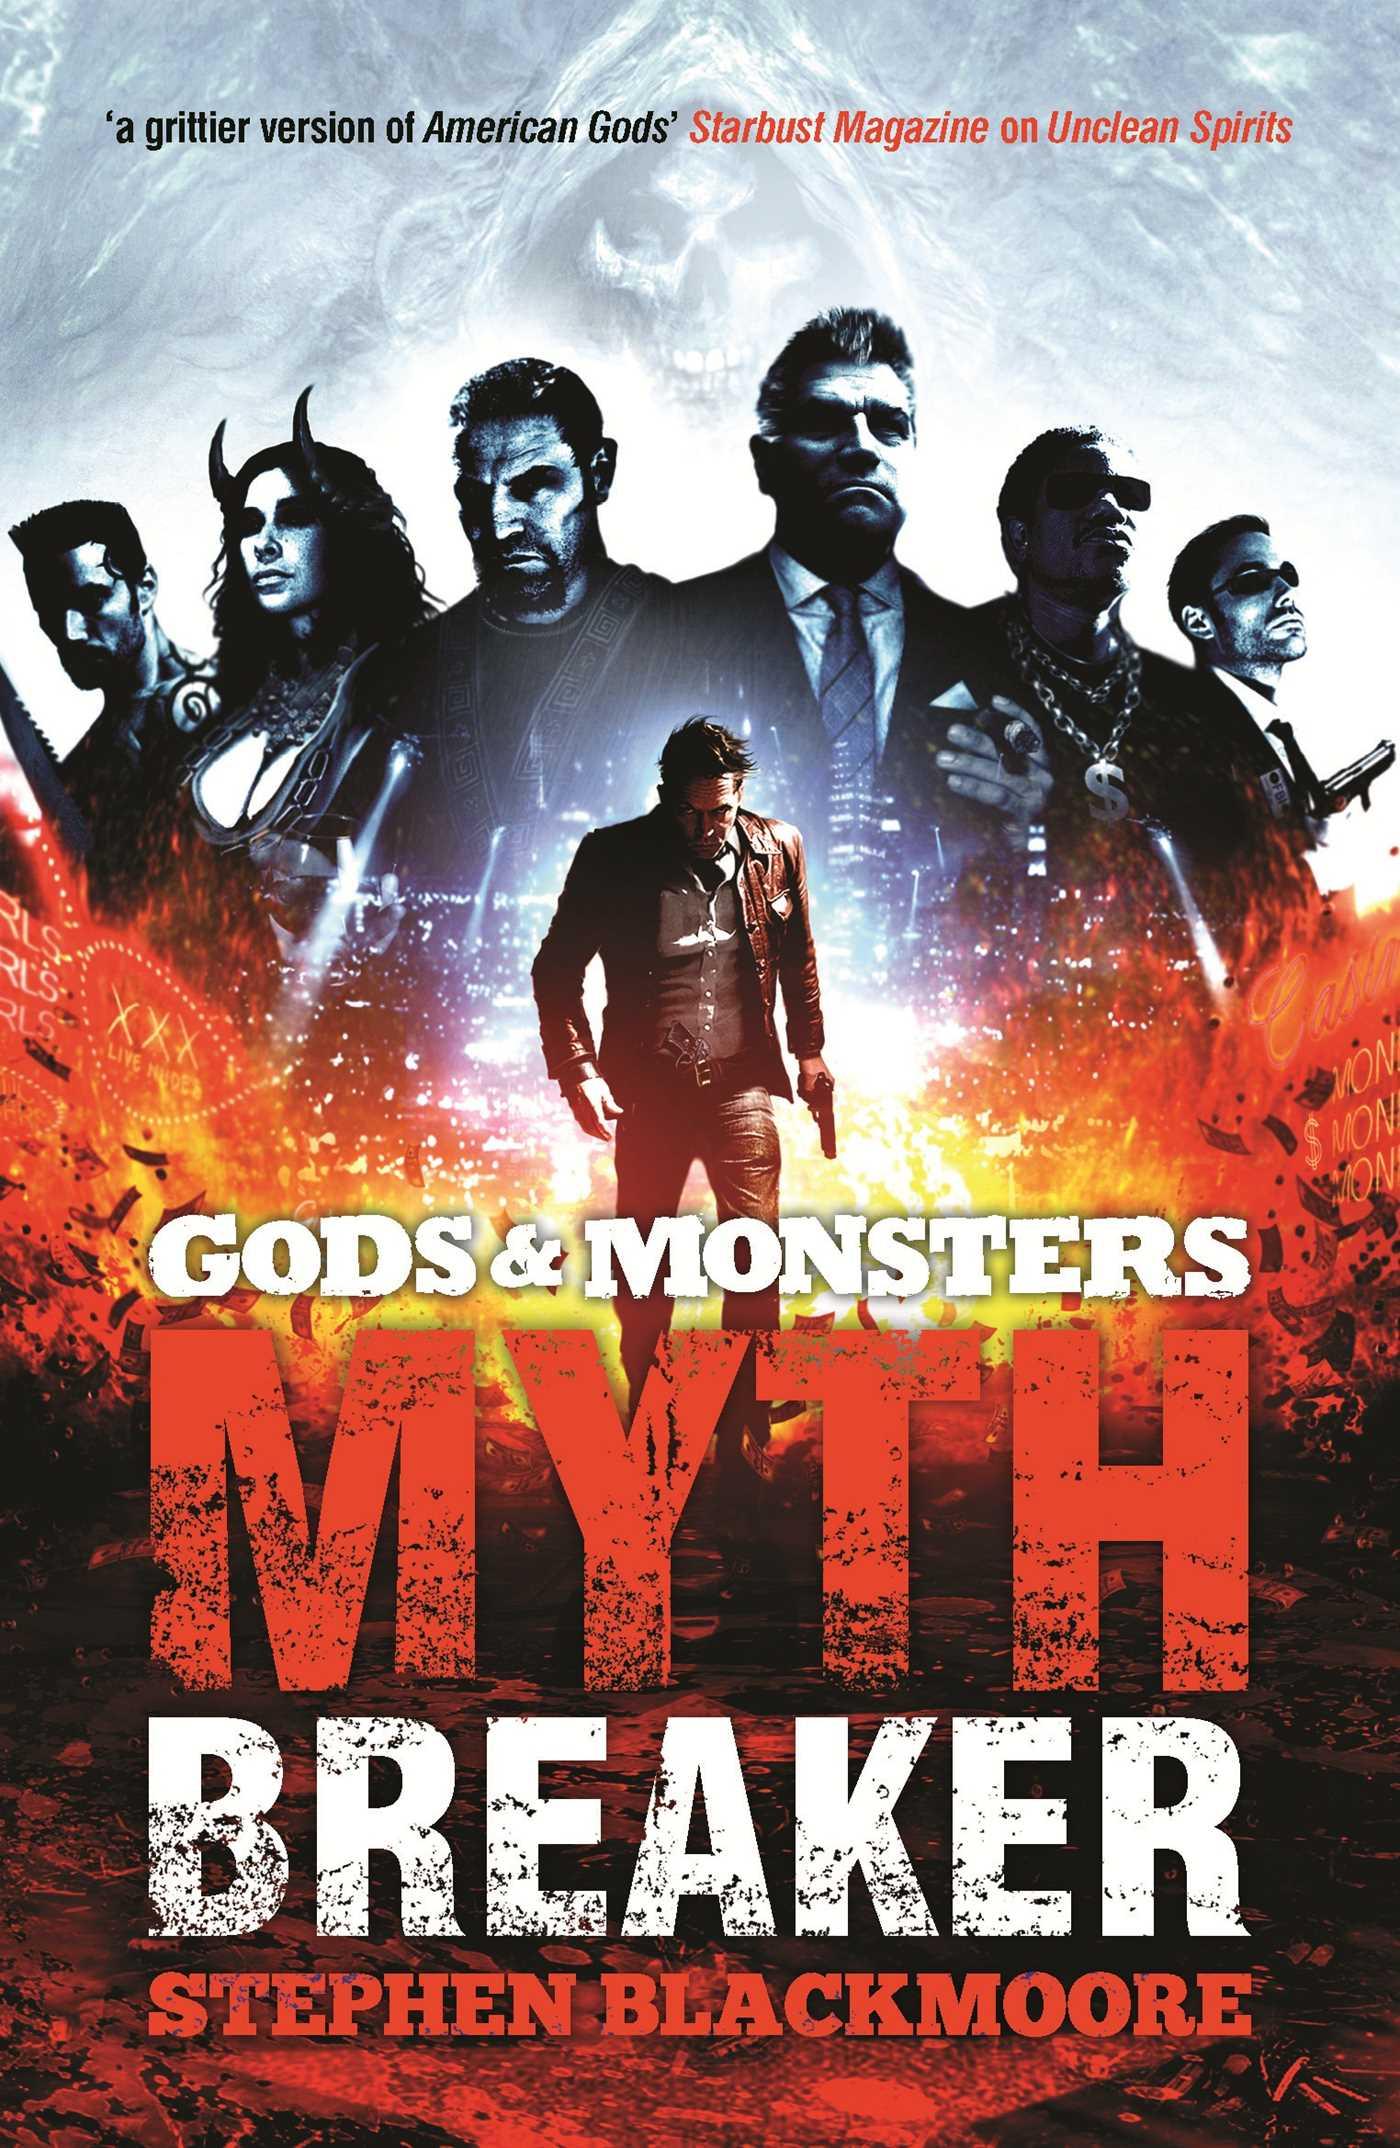 Gods and monsters mythbreaker 9781781082553 hr